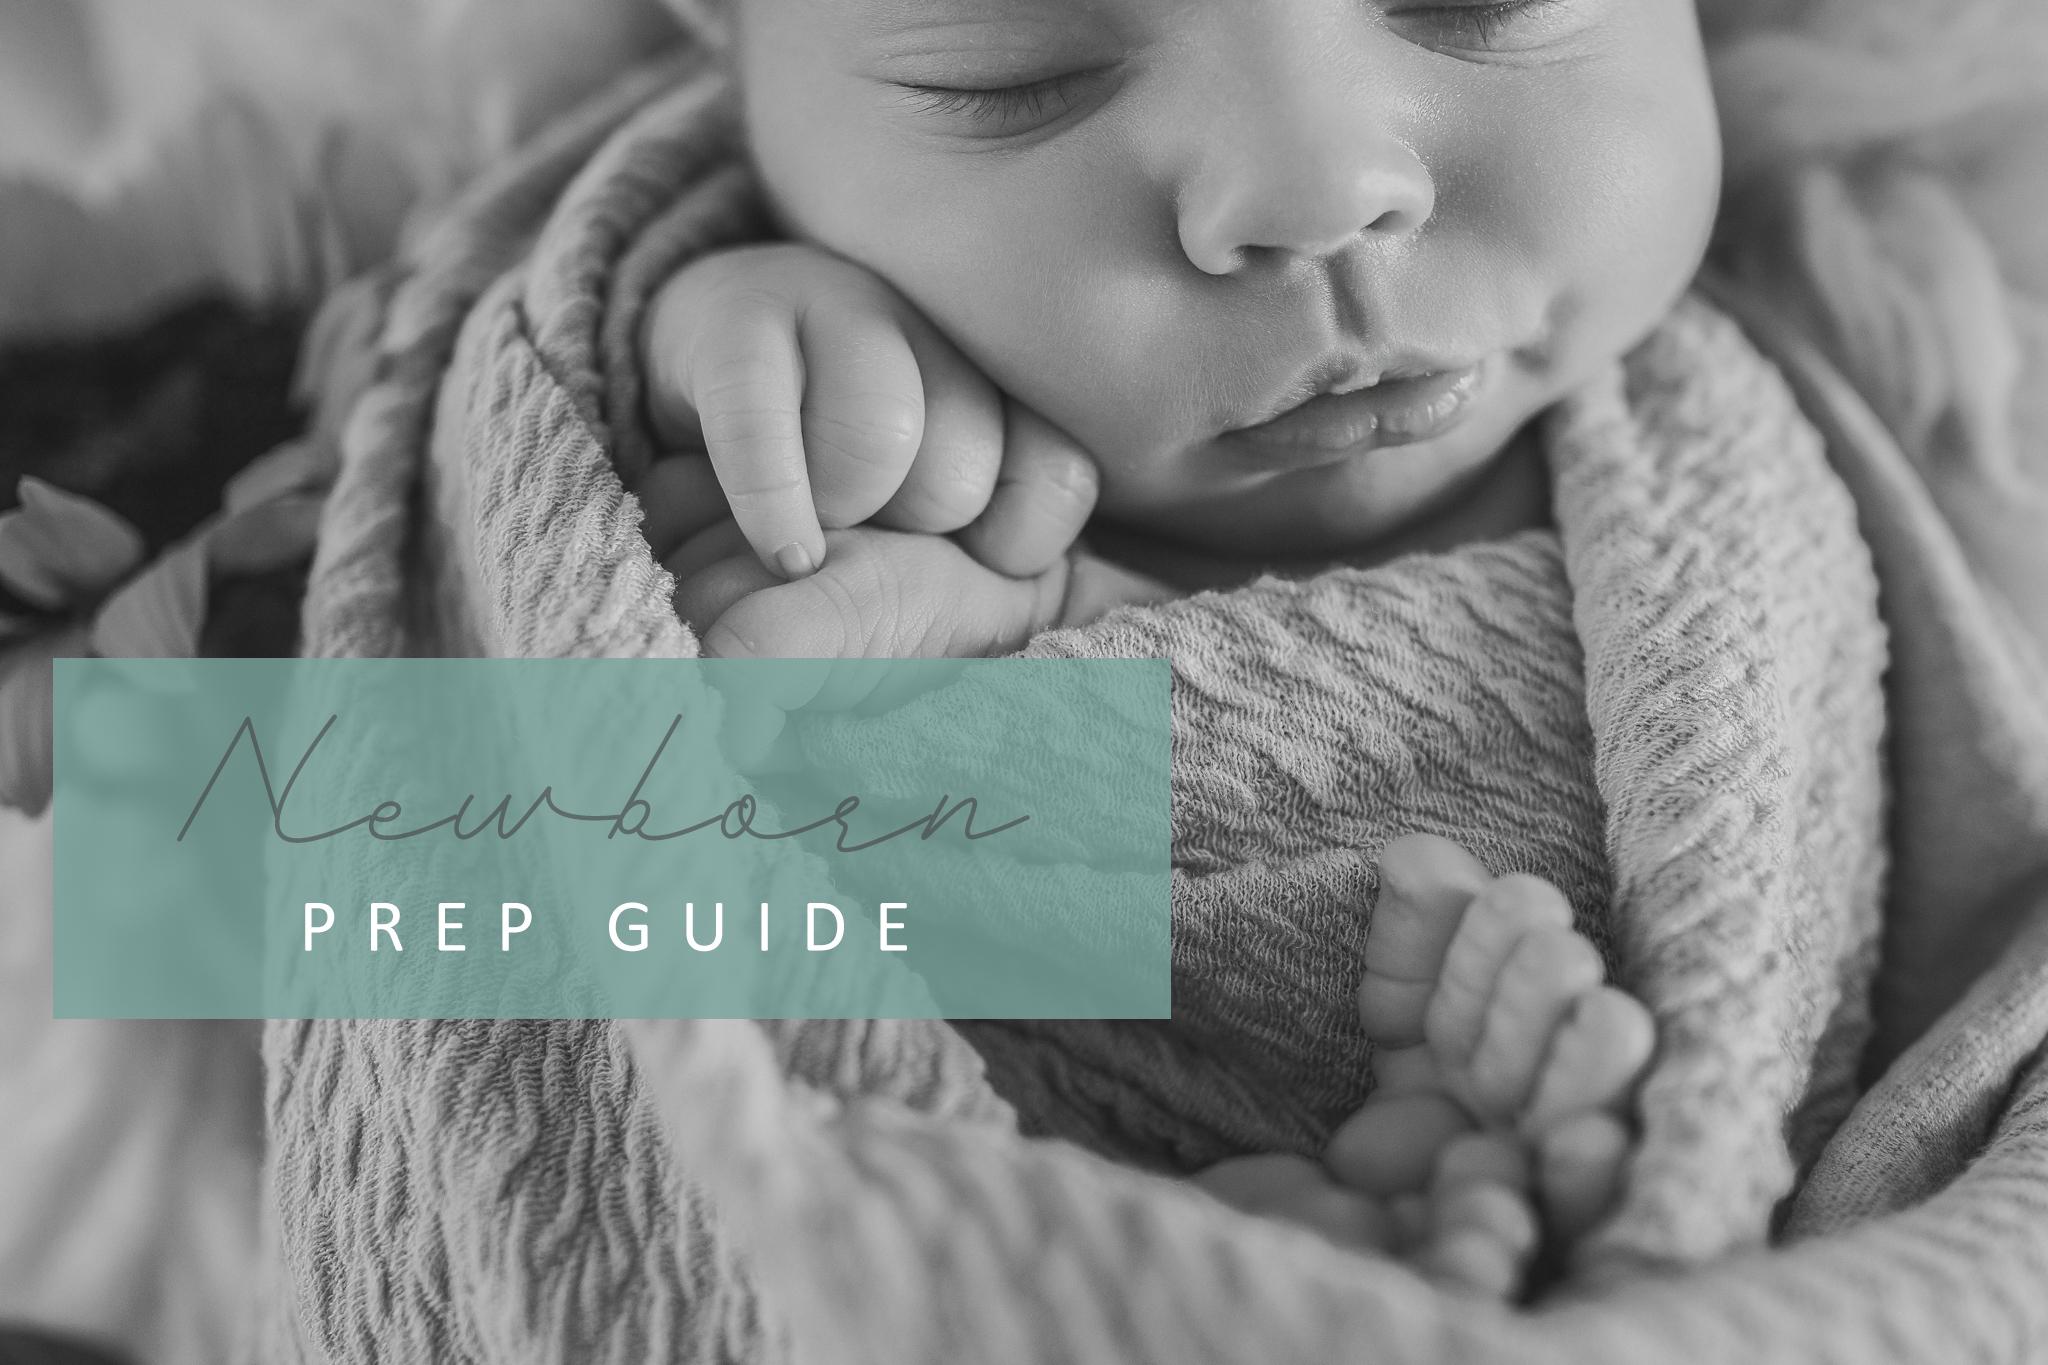 newborn prep guide.jpg